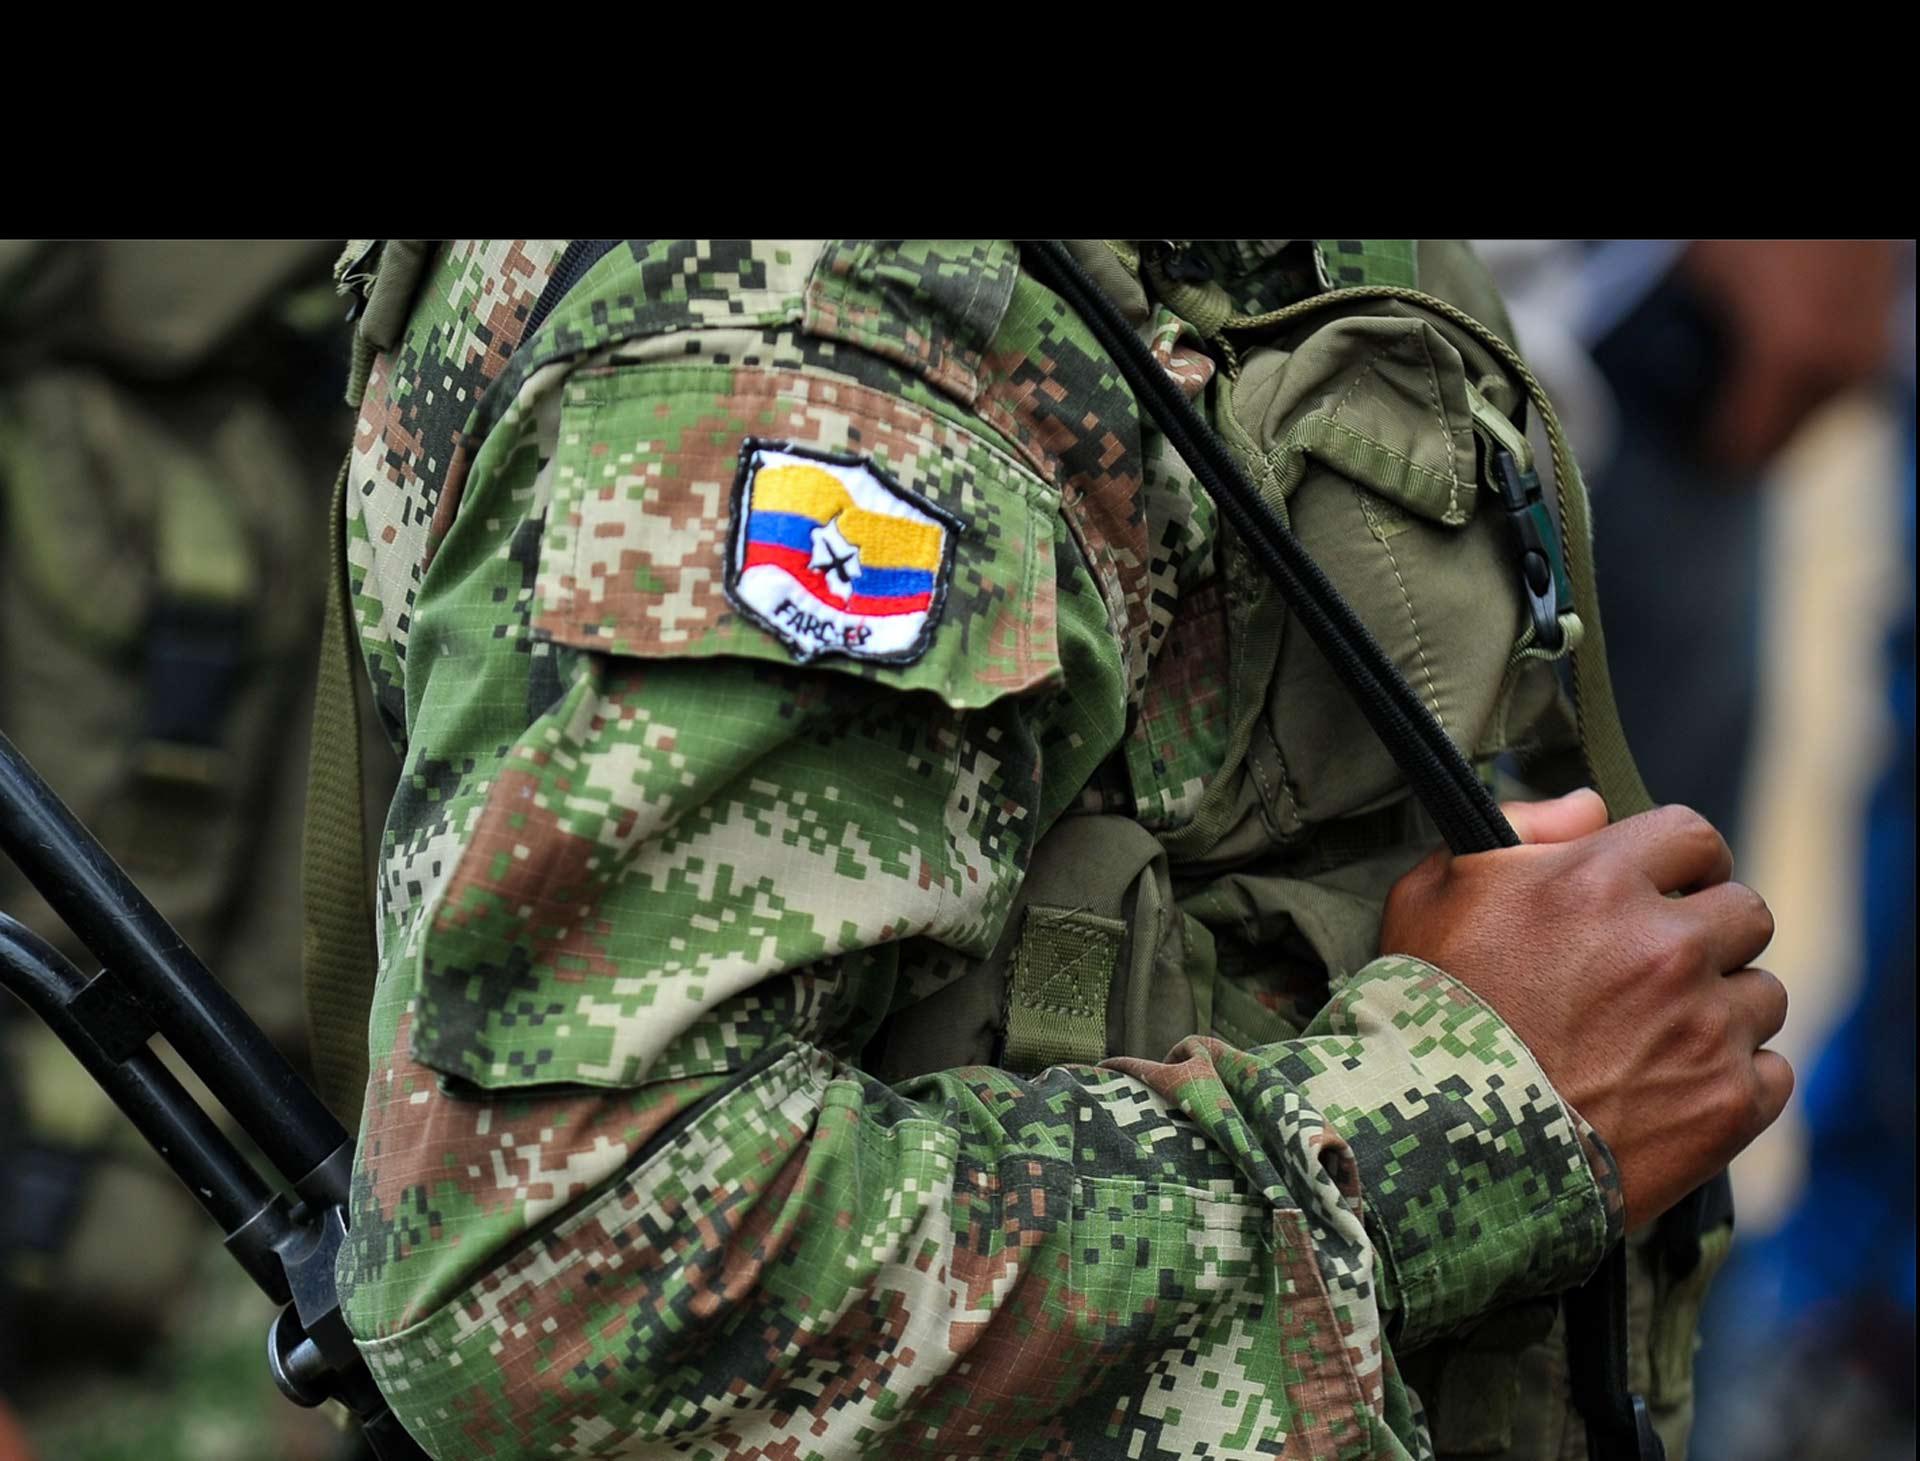 El fiscal general de Colombia anunció que a finales de agosto formulará imputaciones por crímenes de guerra